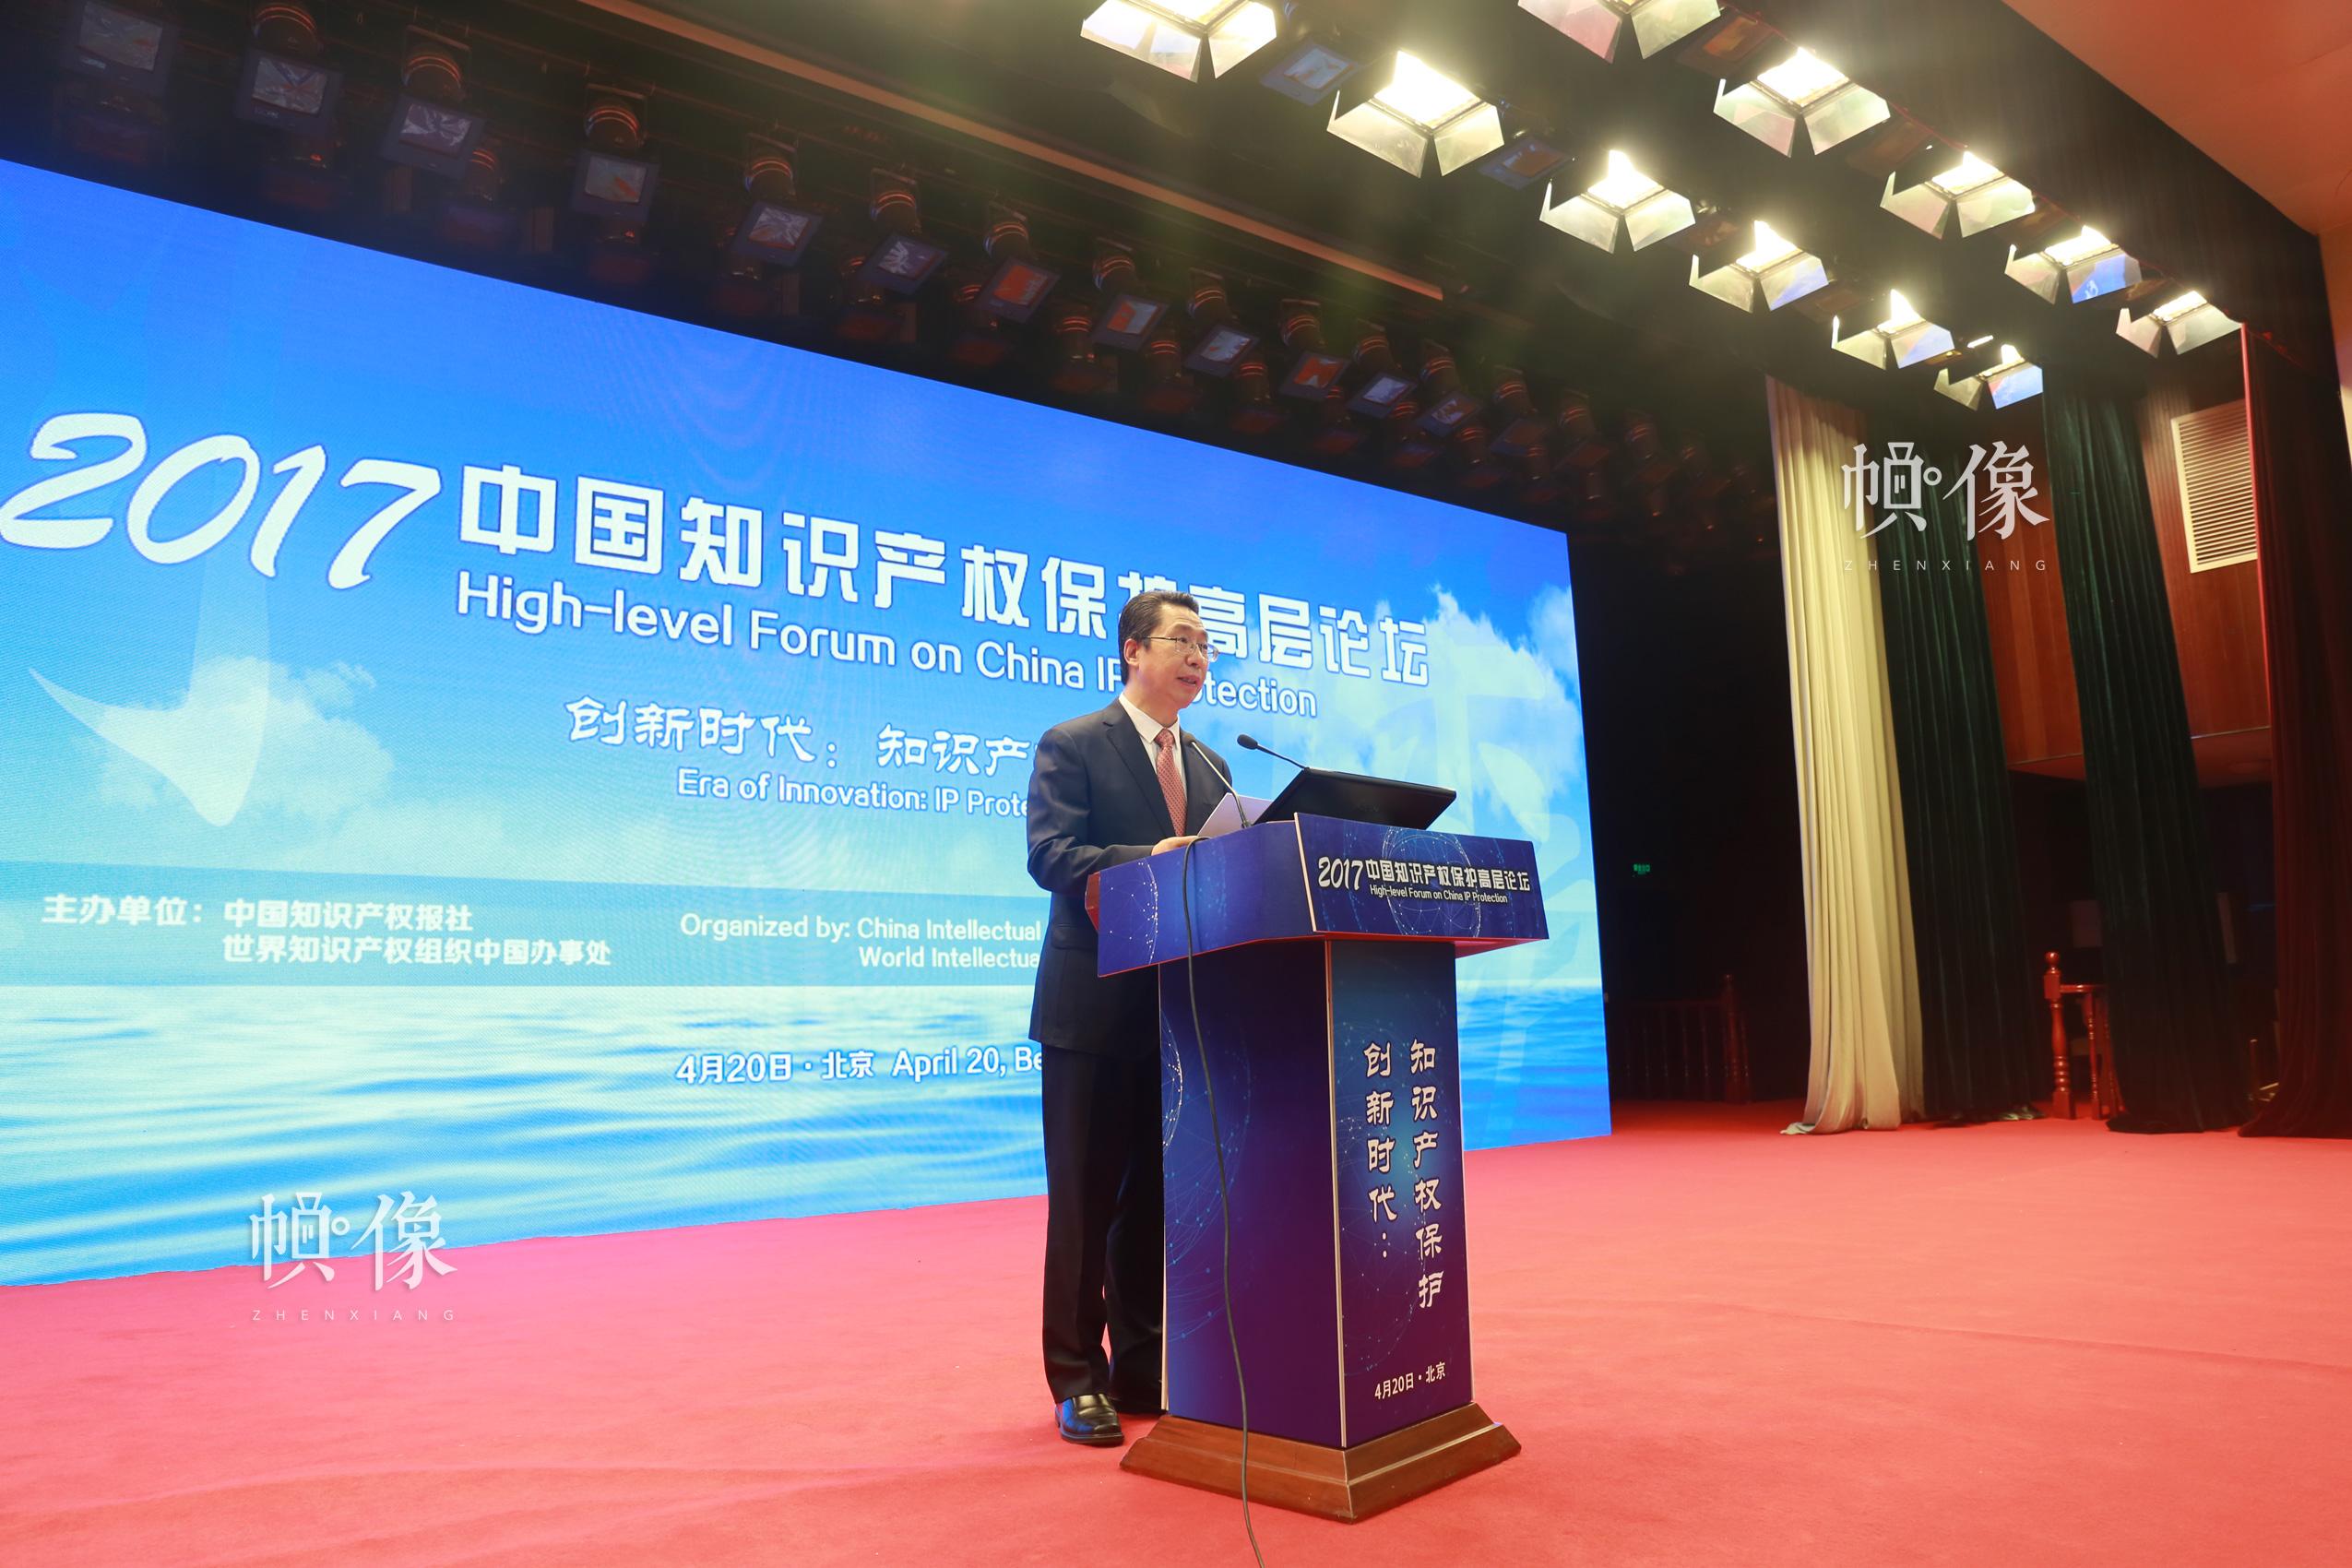 2017年4月20日,国家知识产权局局长申长雨在2017中国知识产权保护高层论坛上做主旨发言。 中国网记者 郭泽涵 摄